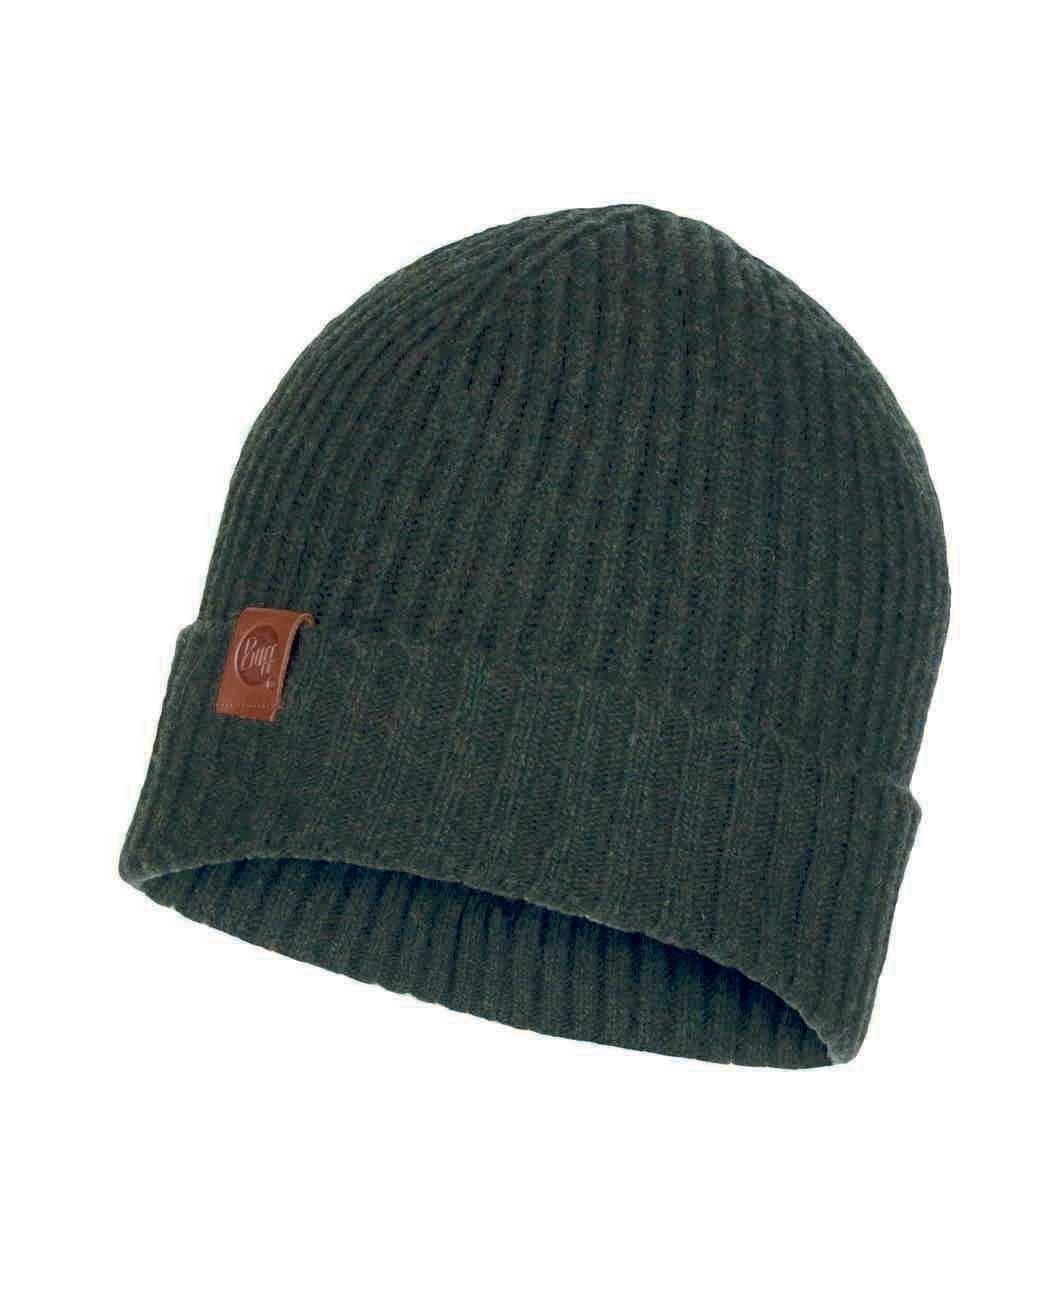 Шапки средней вязки Вязаная шапка Buff Hat Knitted Biorn Military 117886.846.10.00.jpg